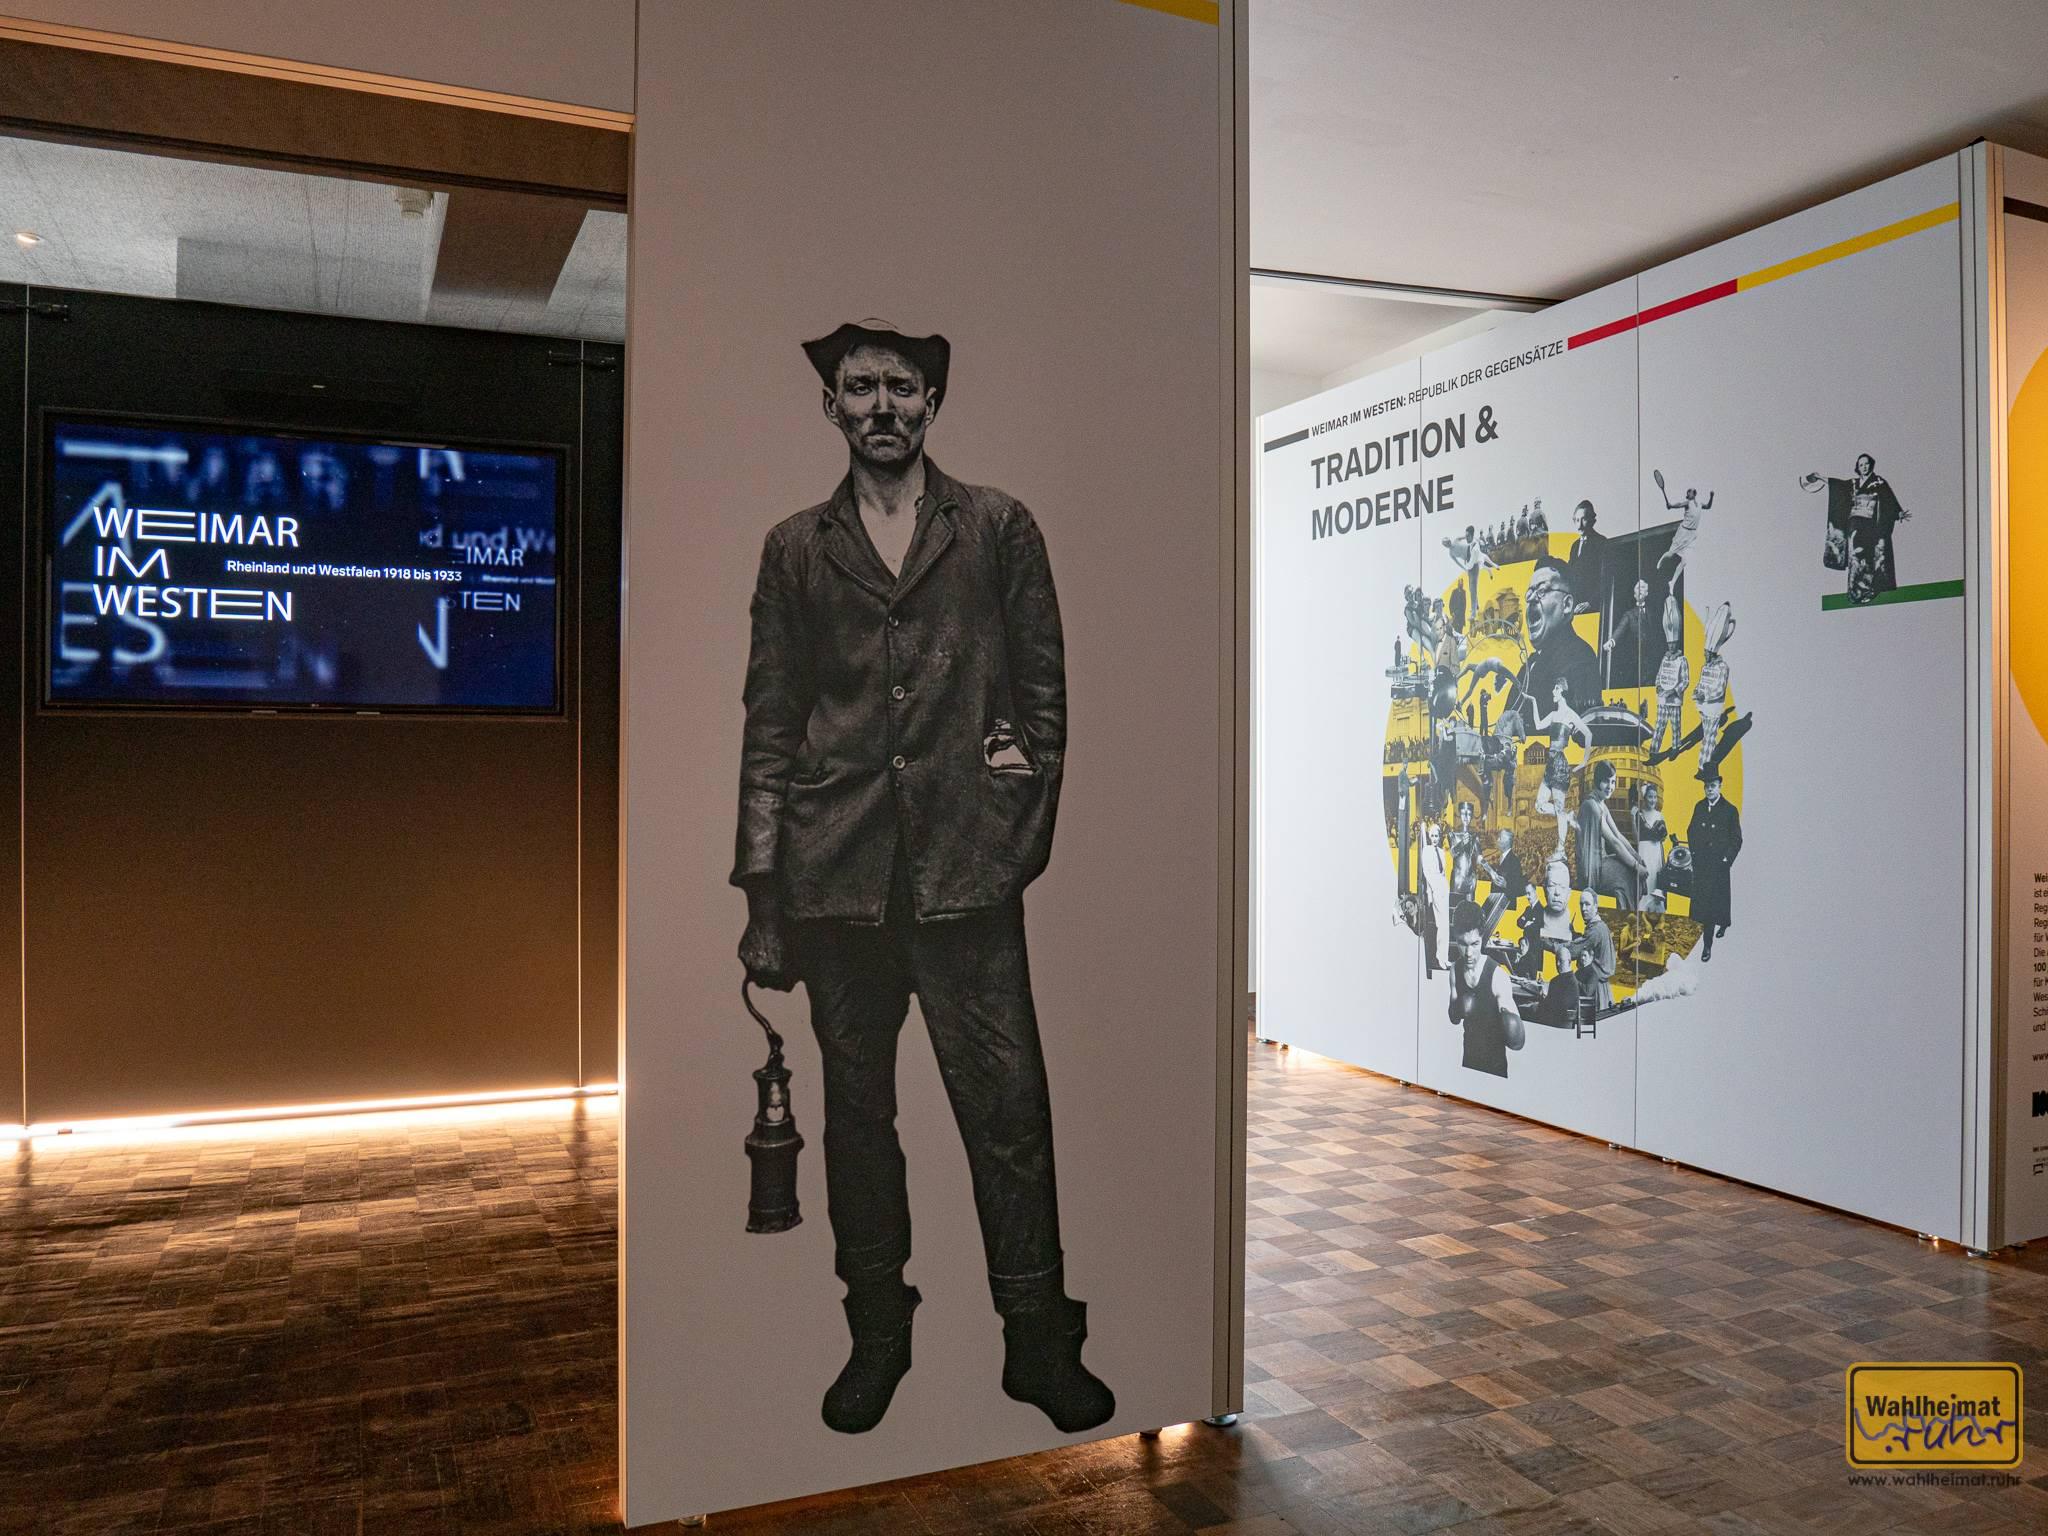 """""""Weimar im Westen"""" heißt die Wanderausstellung, die zum Zeitpunkt unseres Besuches gerade im Museum für Kunst und Kulturgeschichte in Dortmund weilte. Mittlerweile ist sie weitergezogen, Termine und Online-Ausstellung gibt es auf der gleichnamigen Website."""